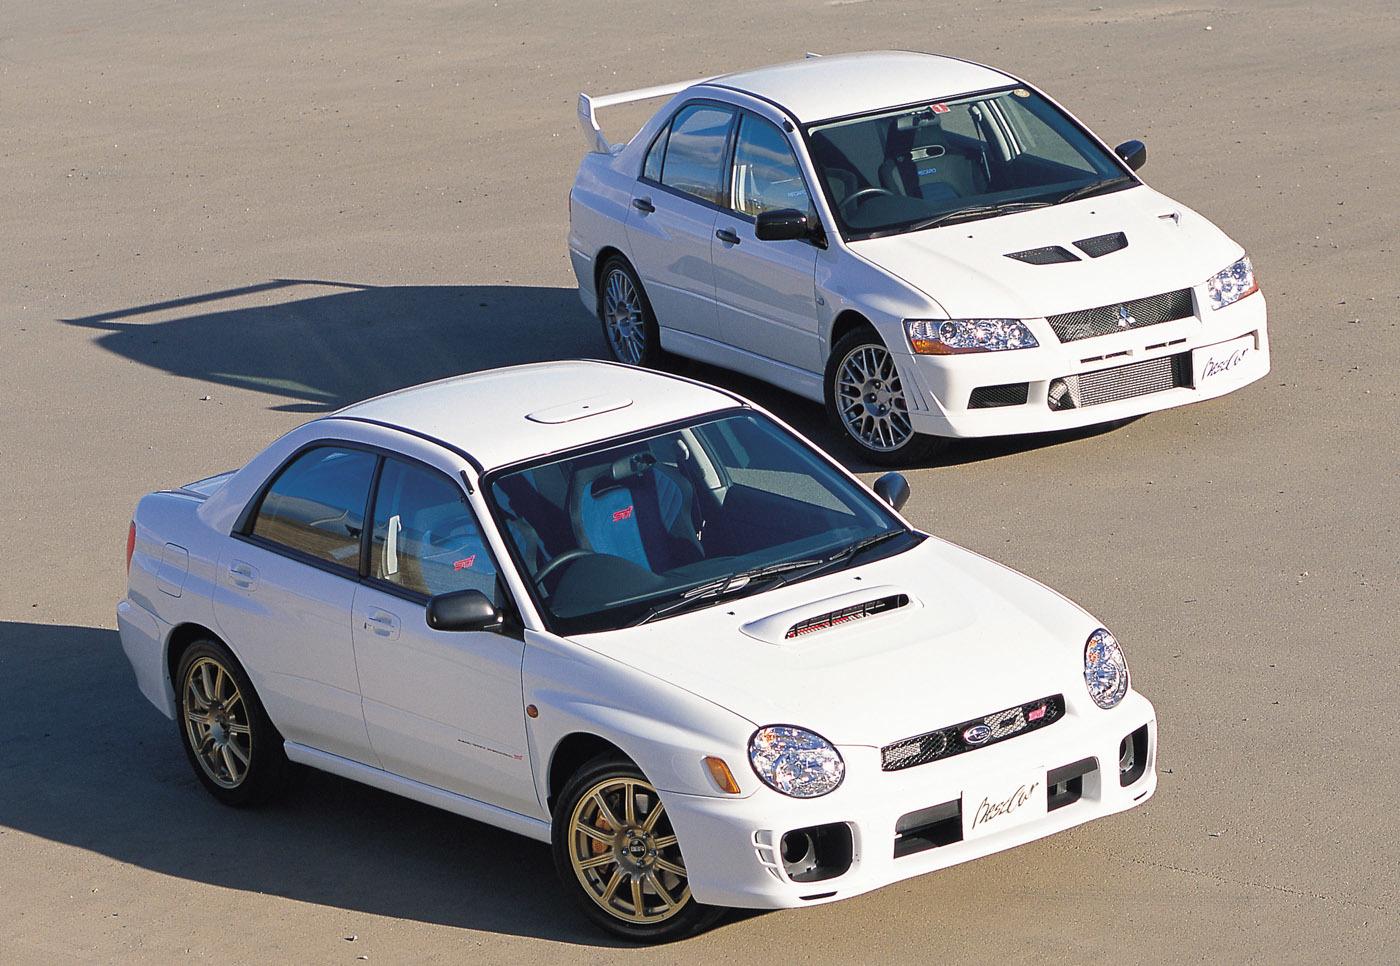 90年代〜2000年代前半、日本自動車界の名勝負といえばランエボ対インプレッサの戦いだった